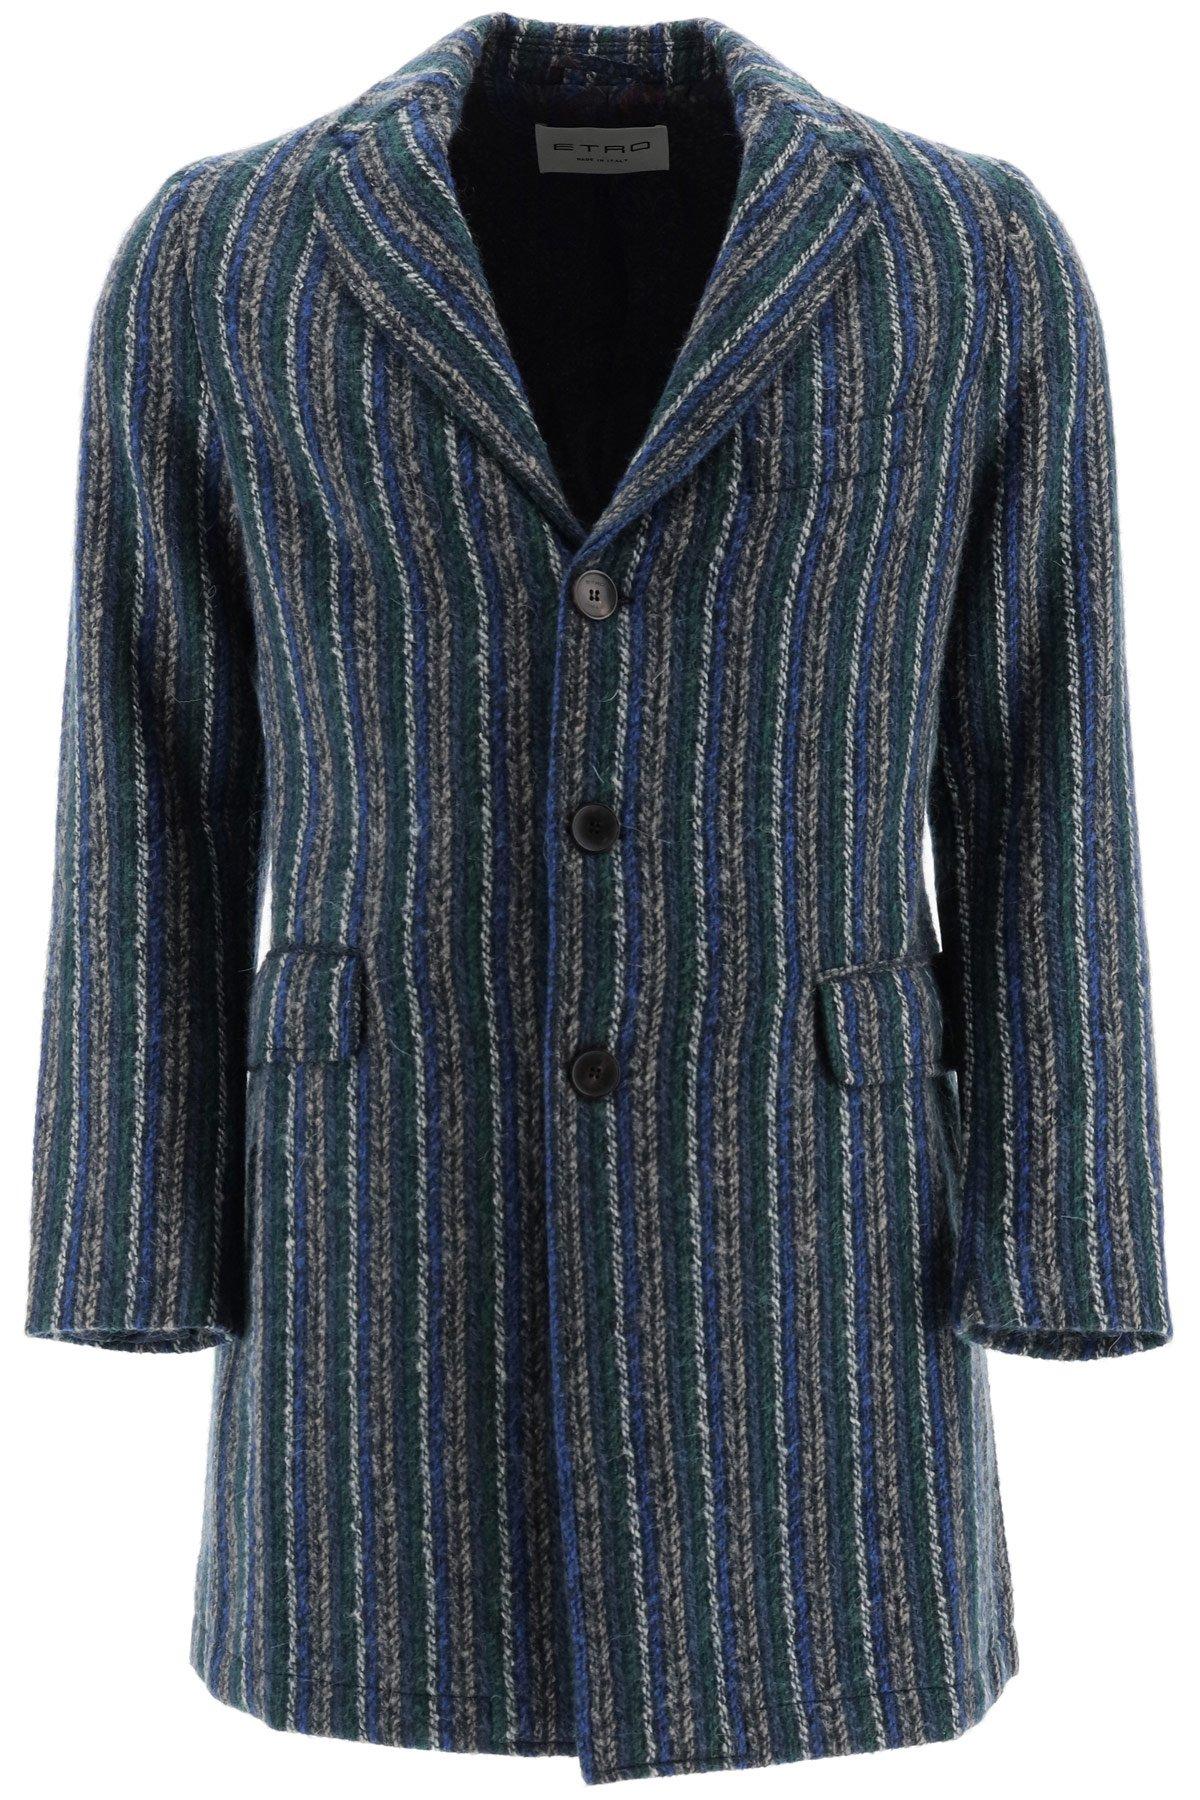 Etro cappotto lana a righe